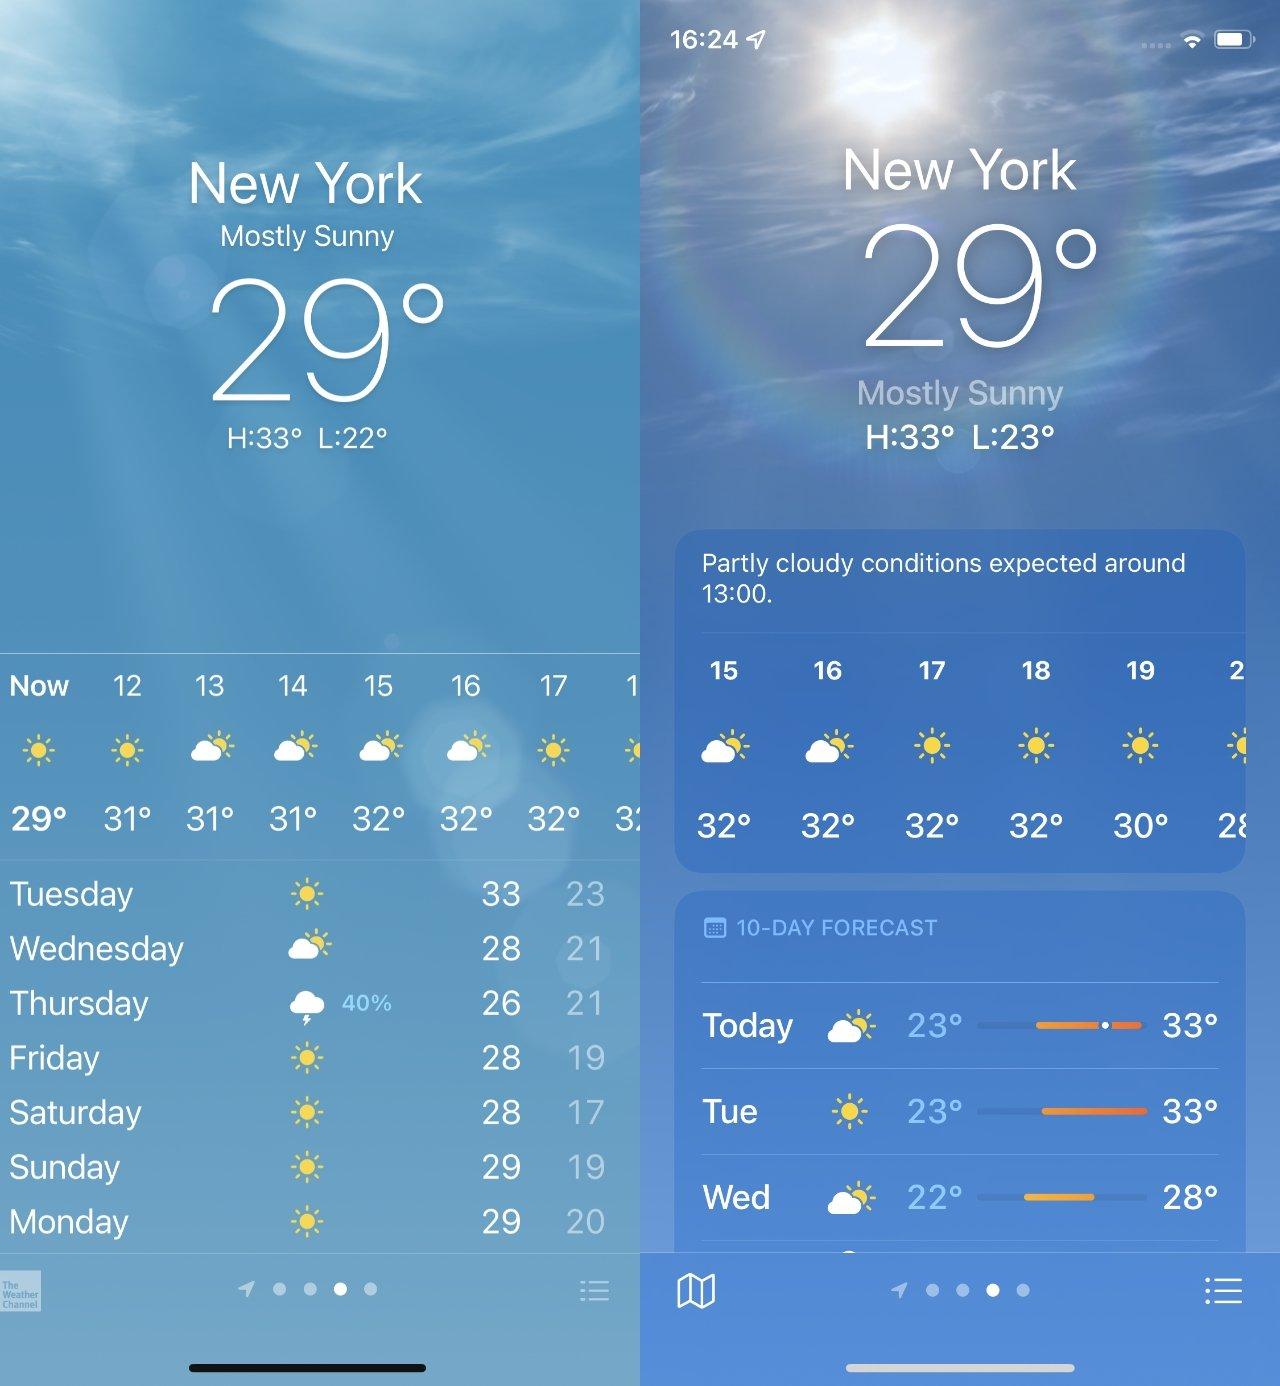 Los detalles meteorológicos están más espaciados, lo que los hace más fáciles de encontrar y leer.